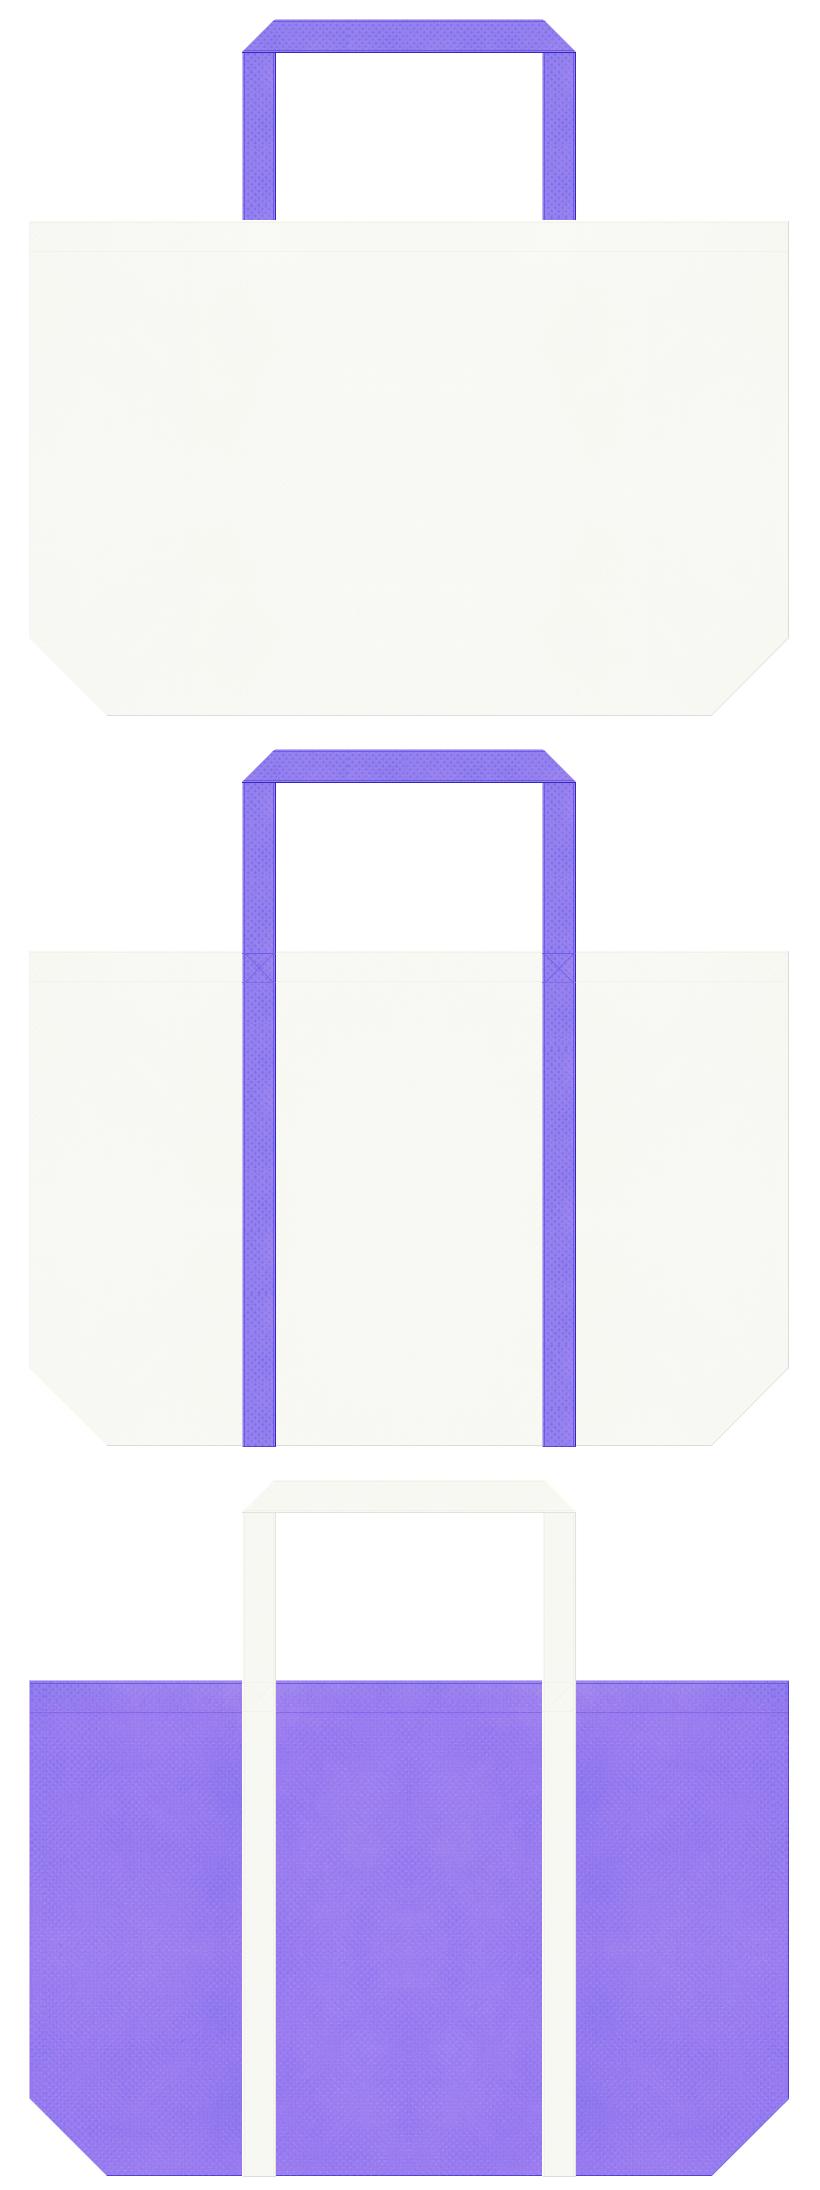 オフホワイト色と薄紫色の不織布ショッピングバッグのデザイン:抗菌・デンタル・空調・衛生設備のイメージにお奨めの配色です。